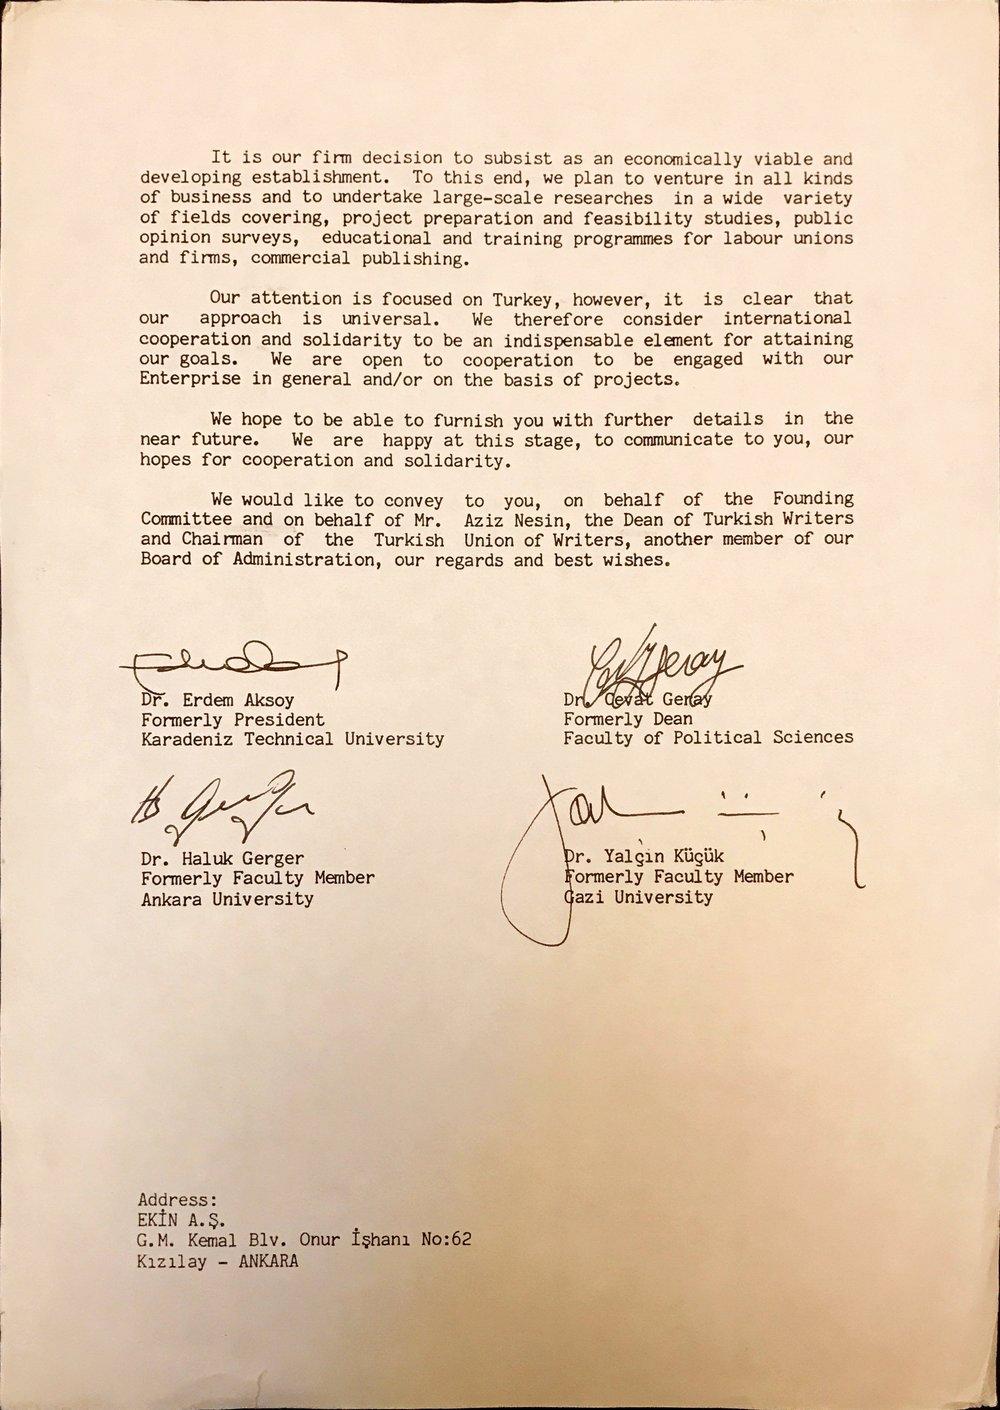 1984_letter_ekin-1.JPG